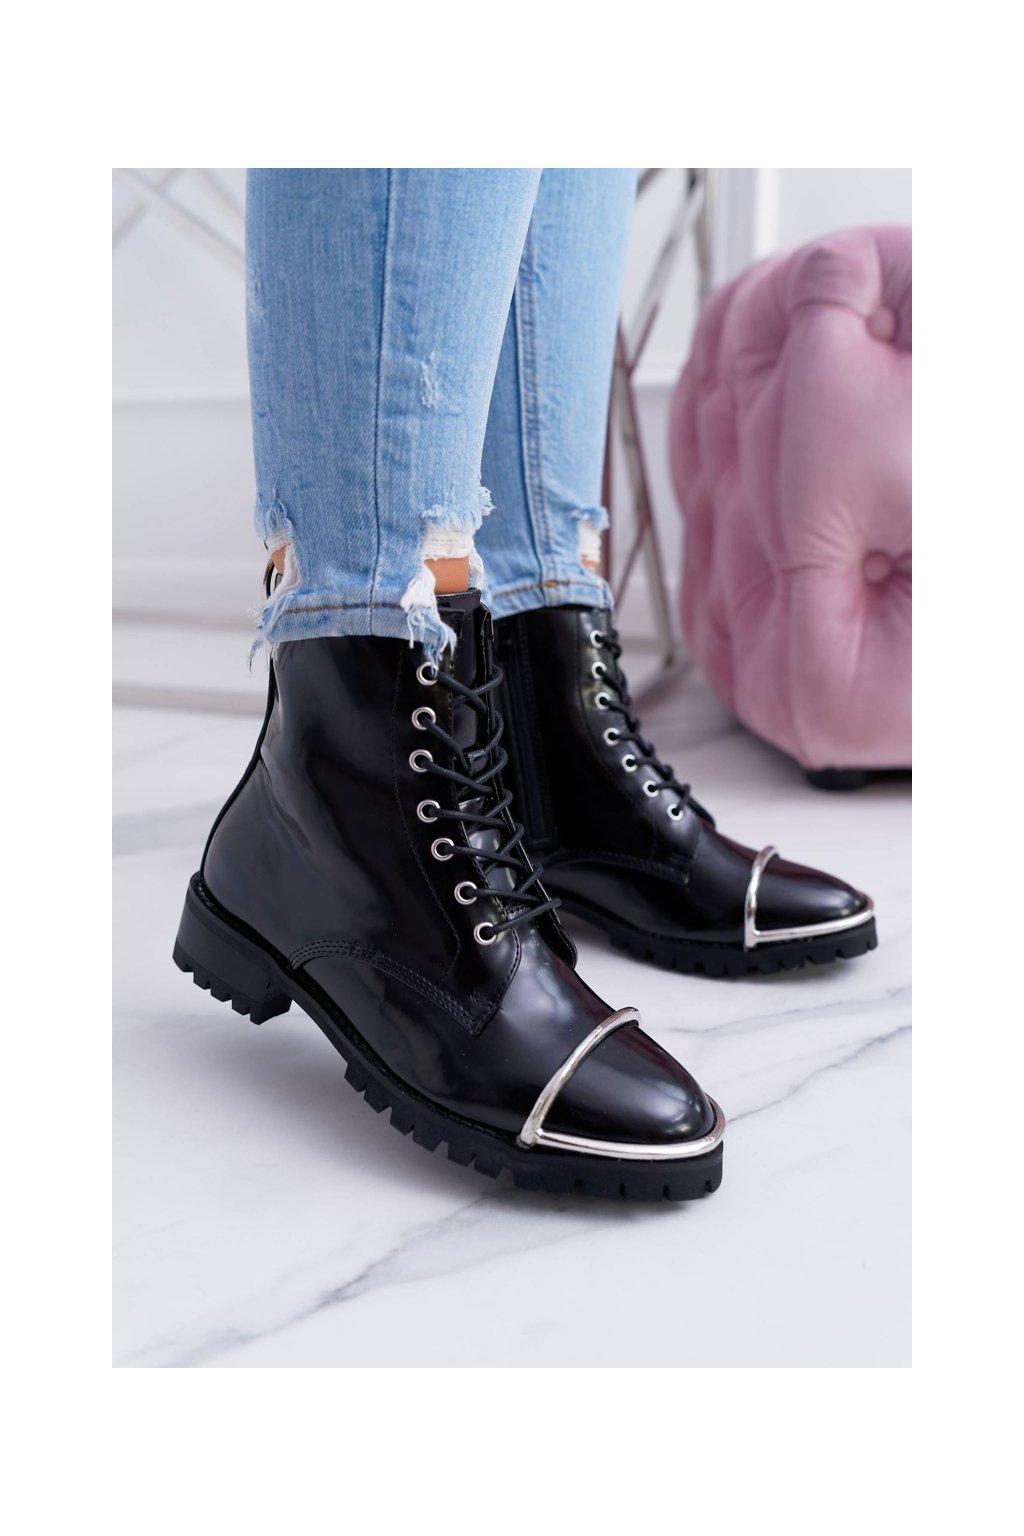 Členkové topánky na podpätku farba čierna kód obuvi XW37343 BLK PU